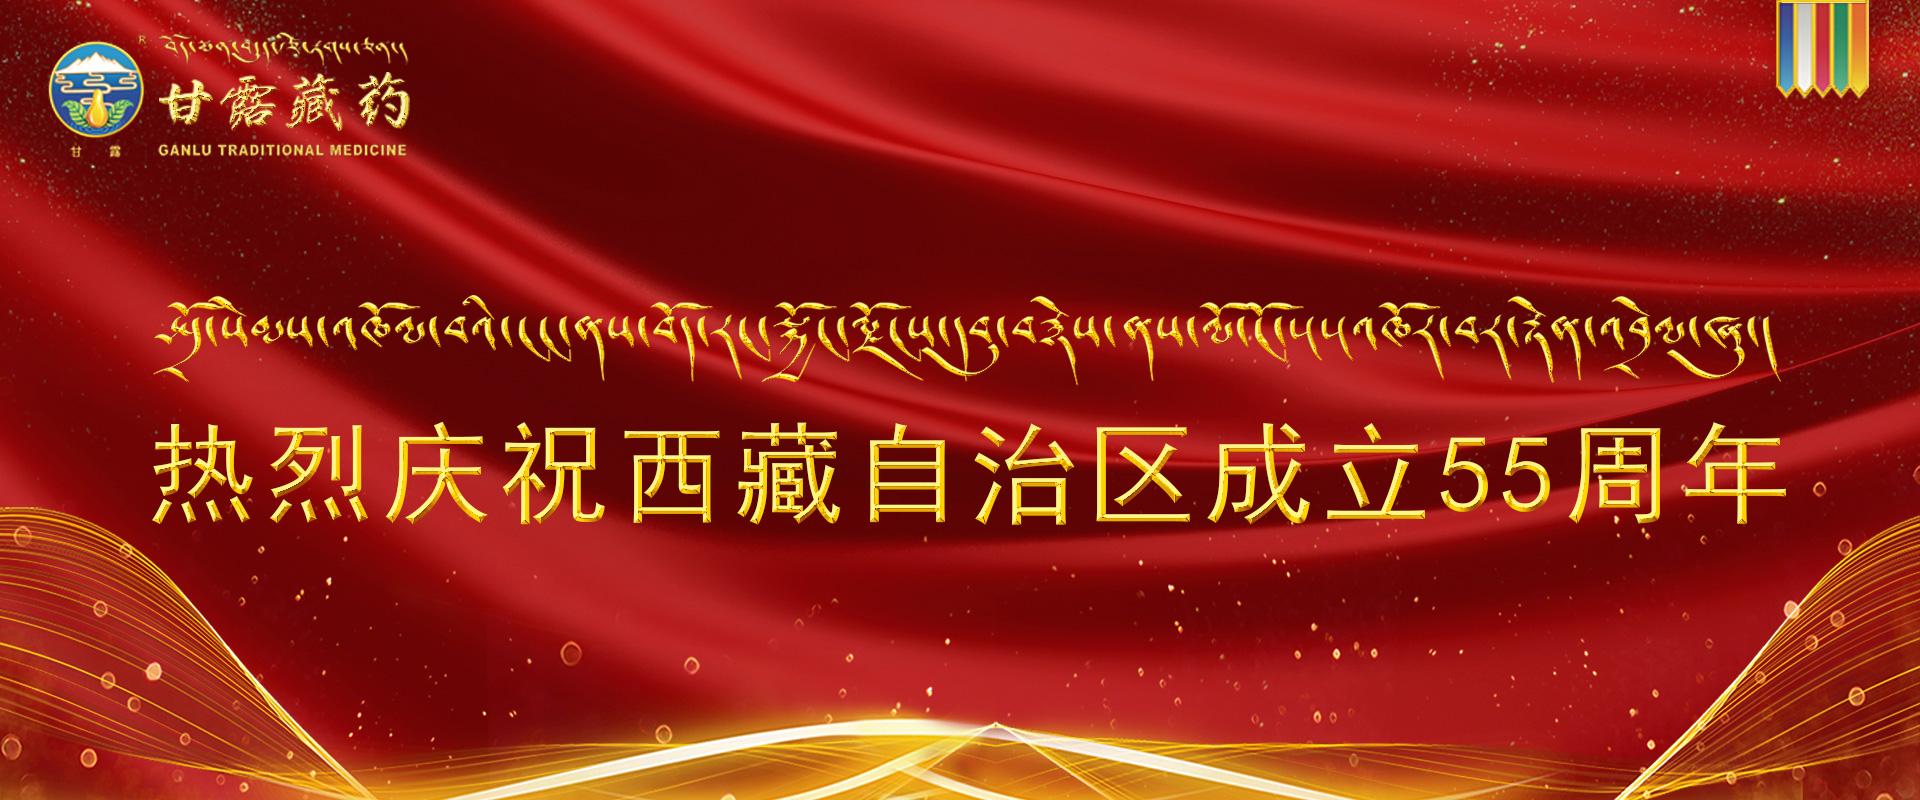 自治区成立55周年